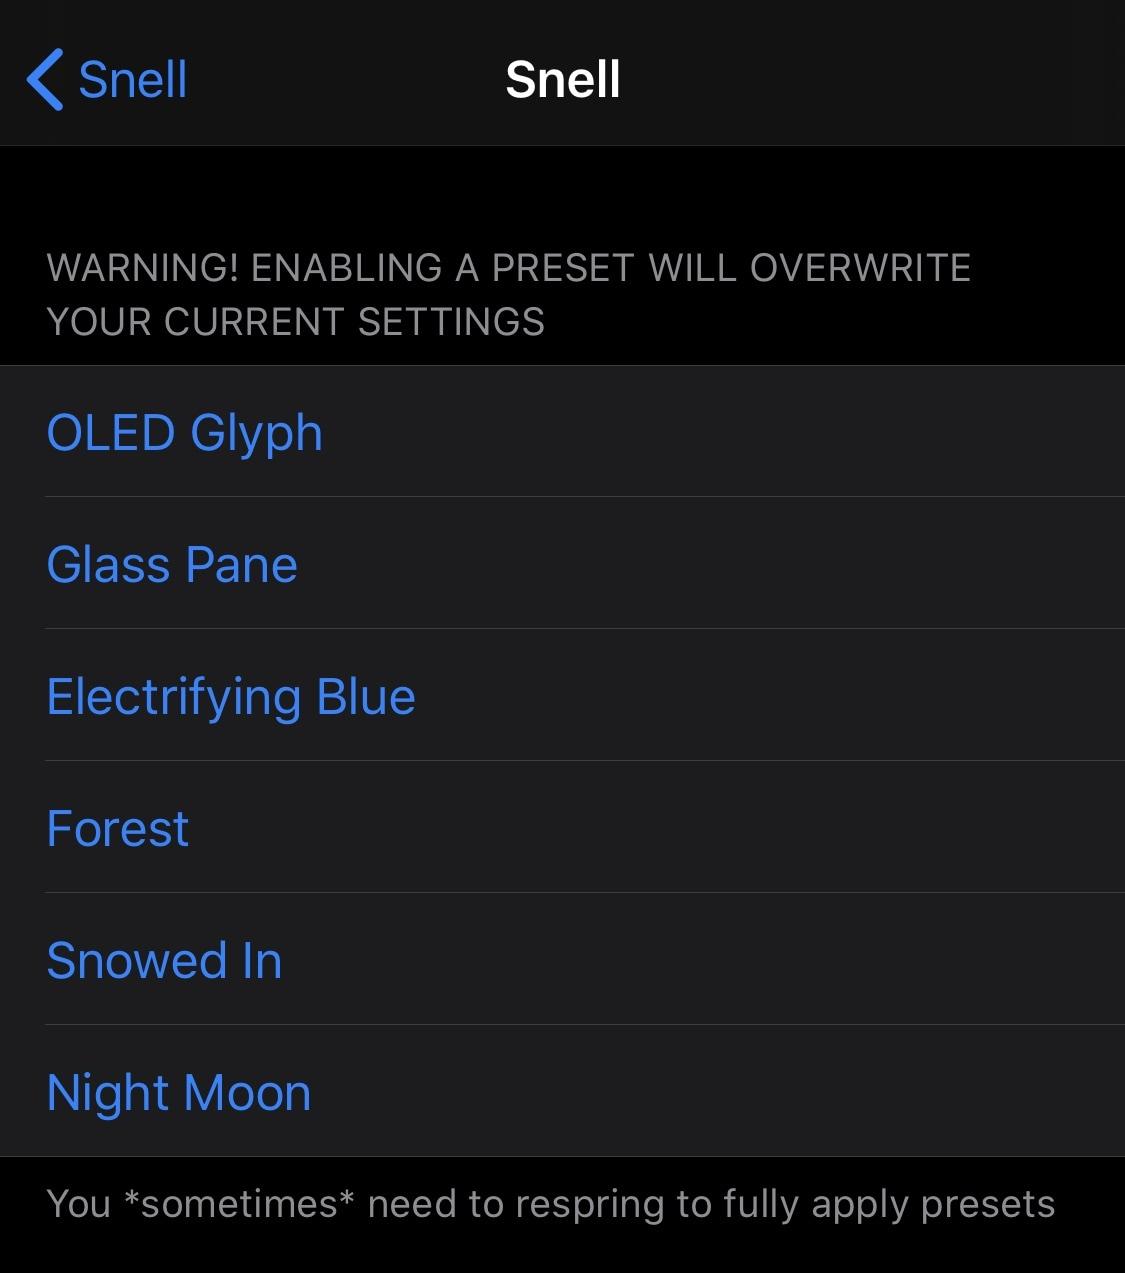 Thêm bất kỳ ký tự nào vào tin nhắn cảnh báo trên iPhone của bạn bằng Snell 4